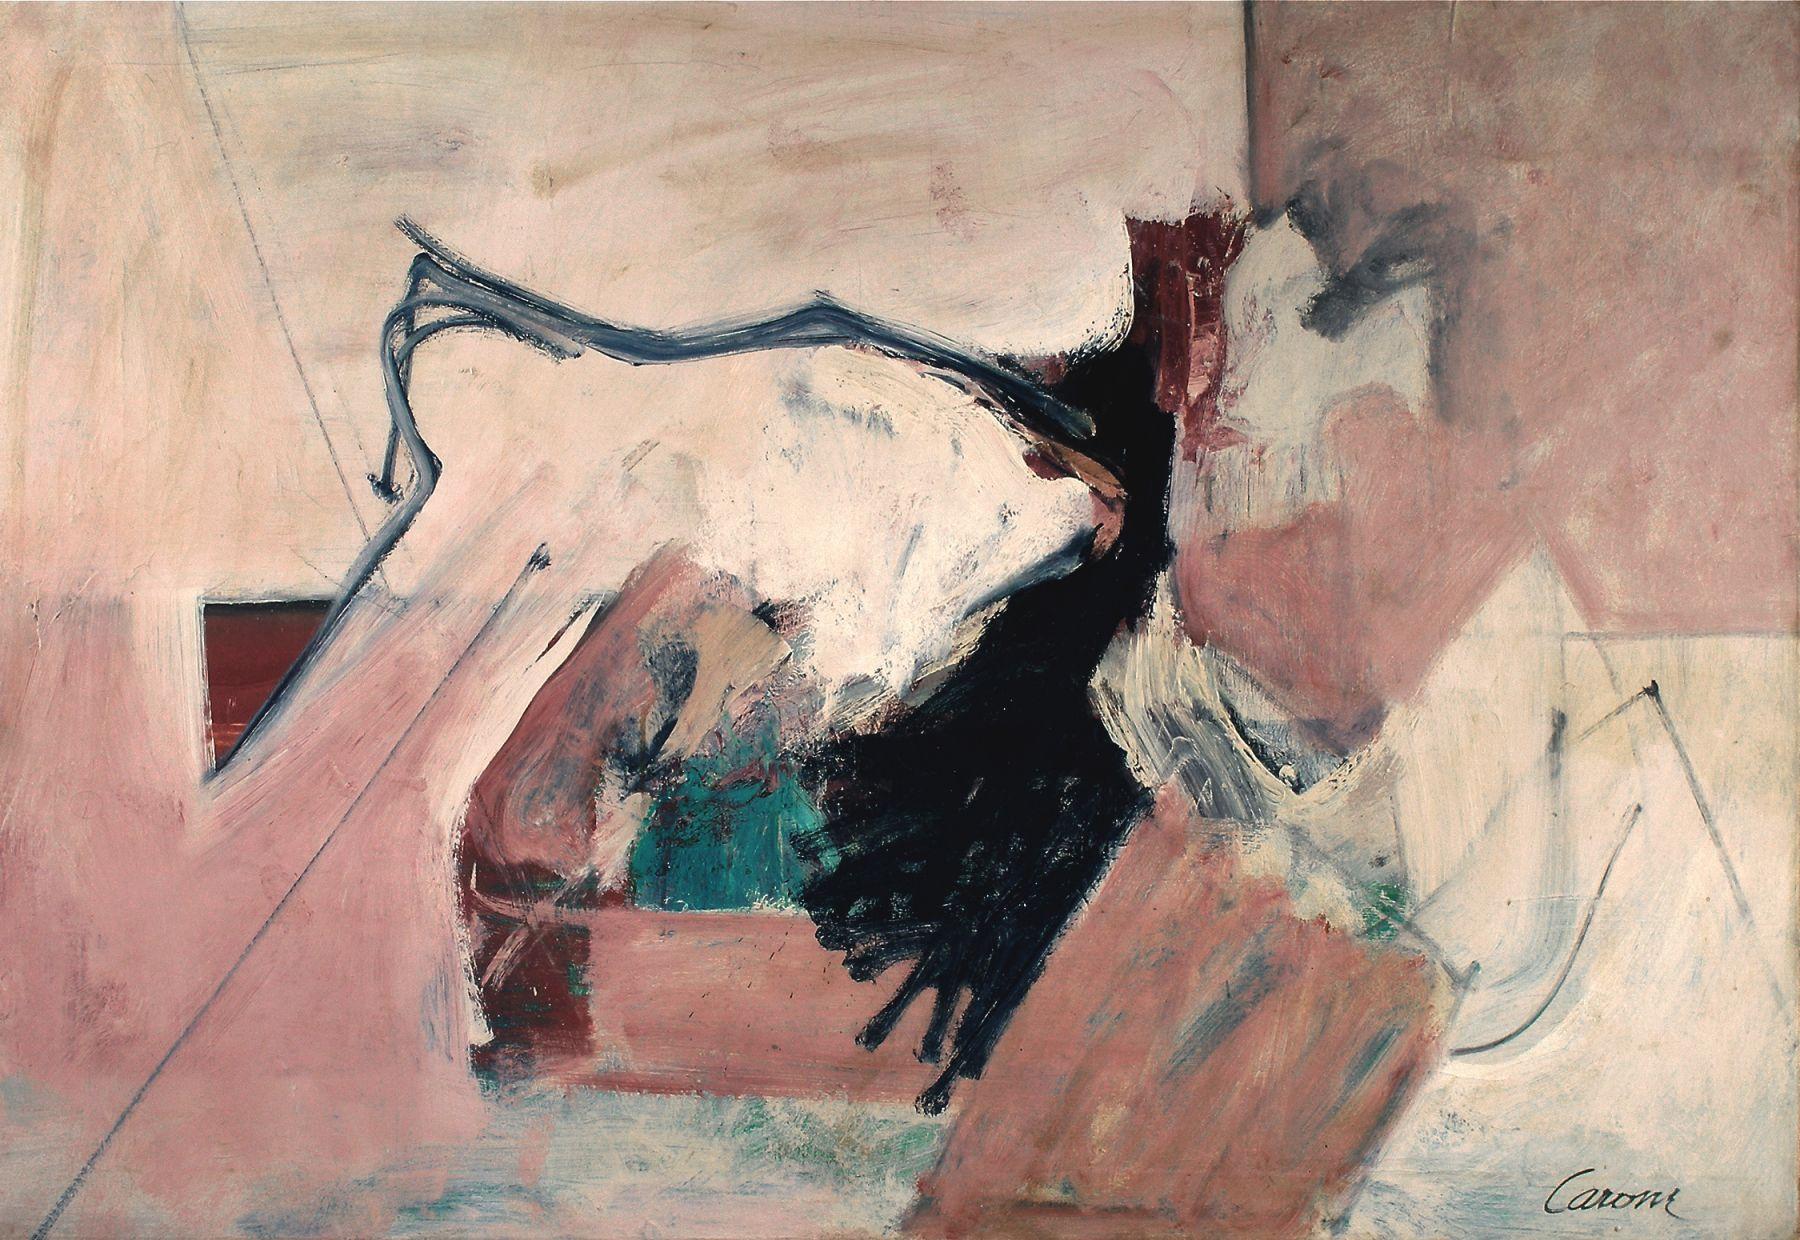 """NIcolas Carone, """"Escape Plan,"""" c. 1958, oil on canvas, 40 x 58 in."""